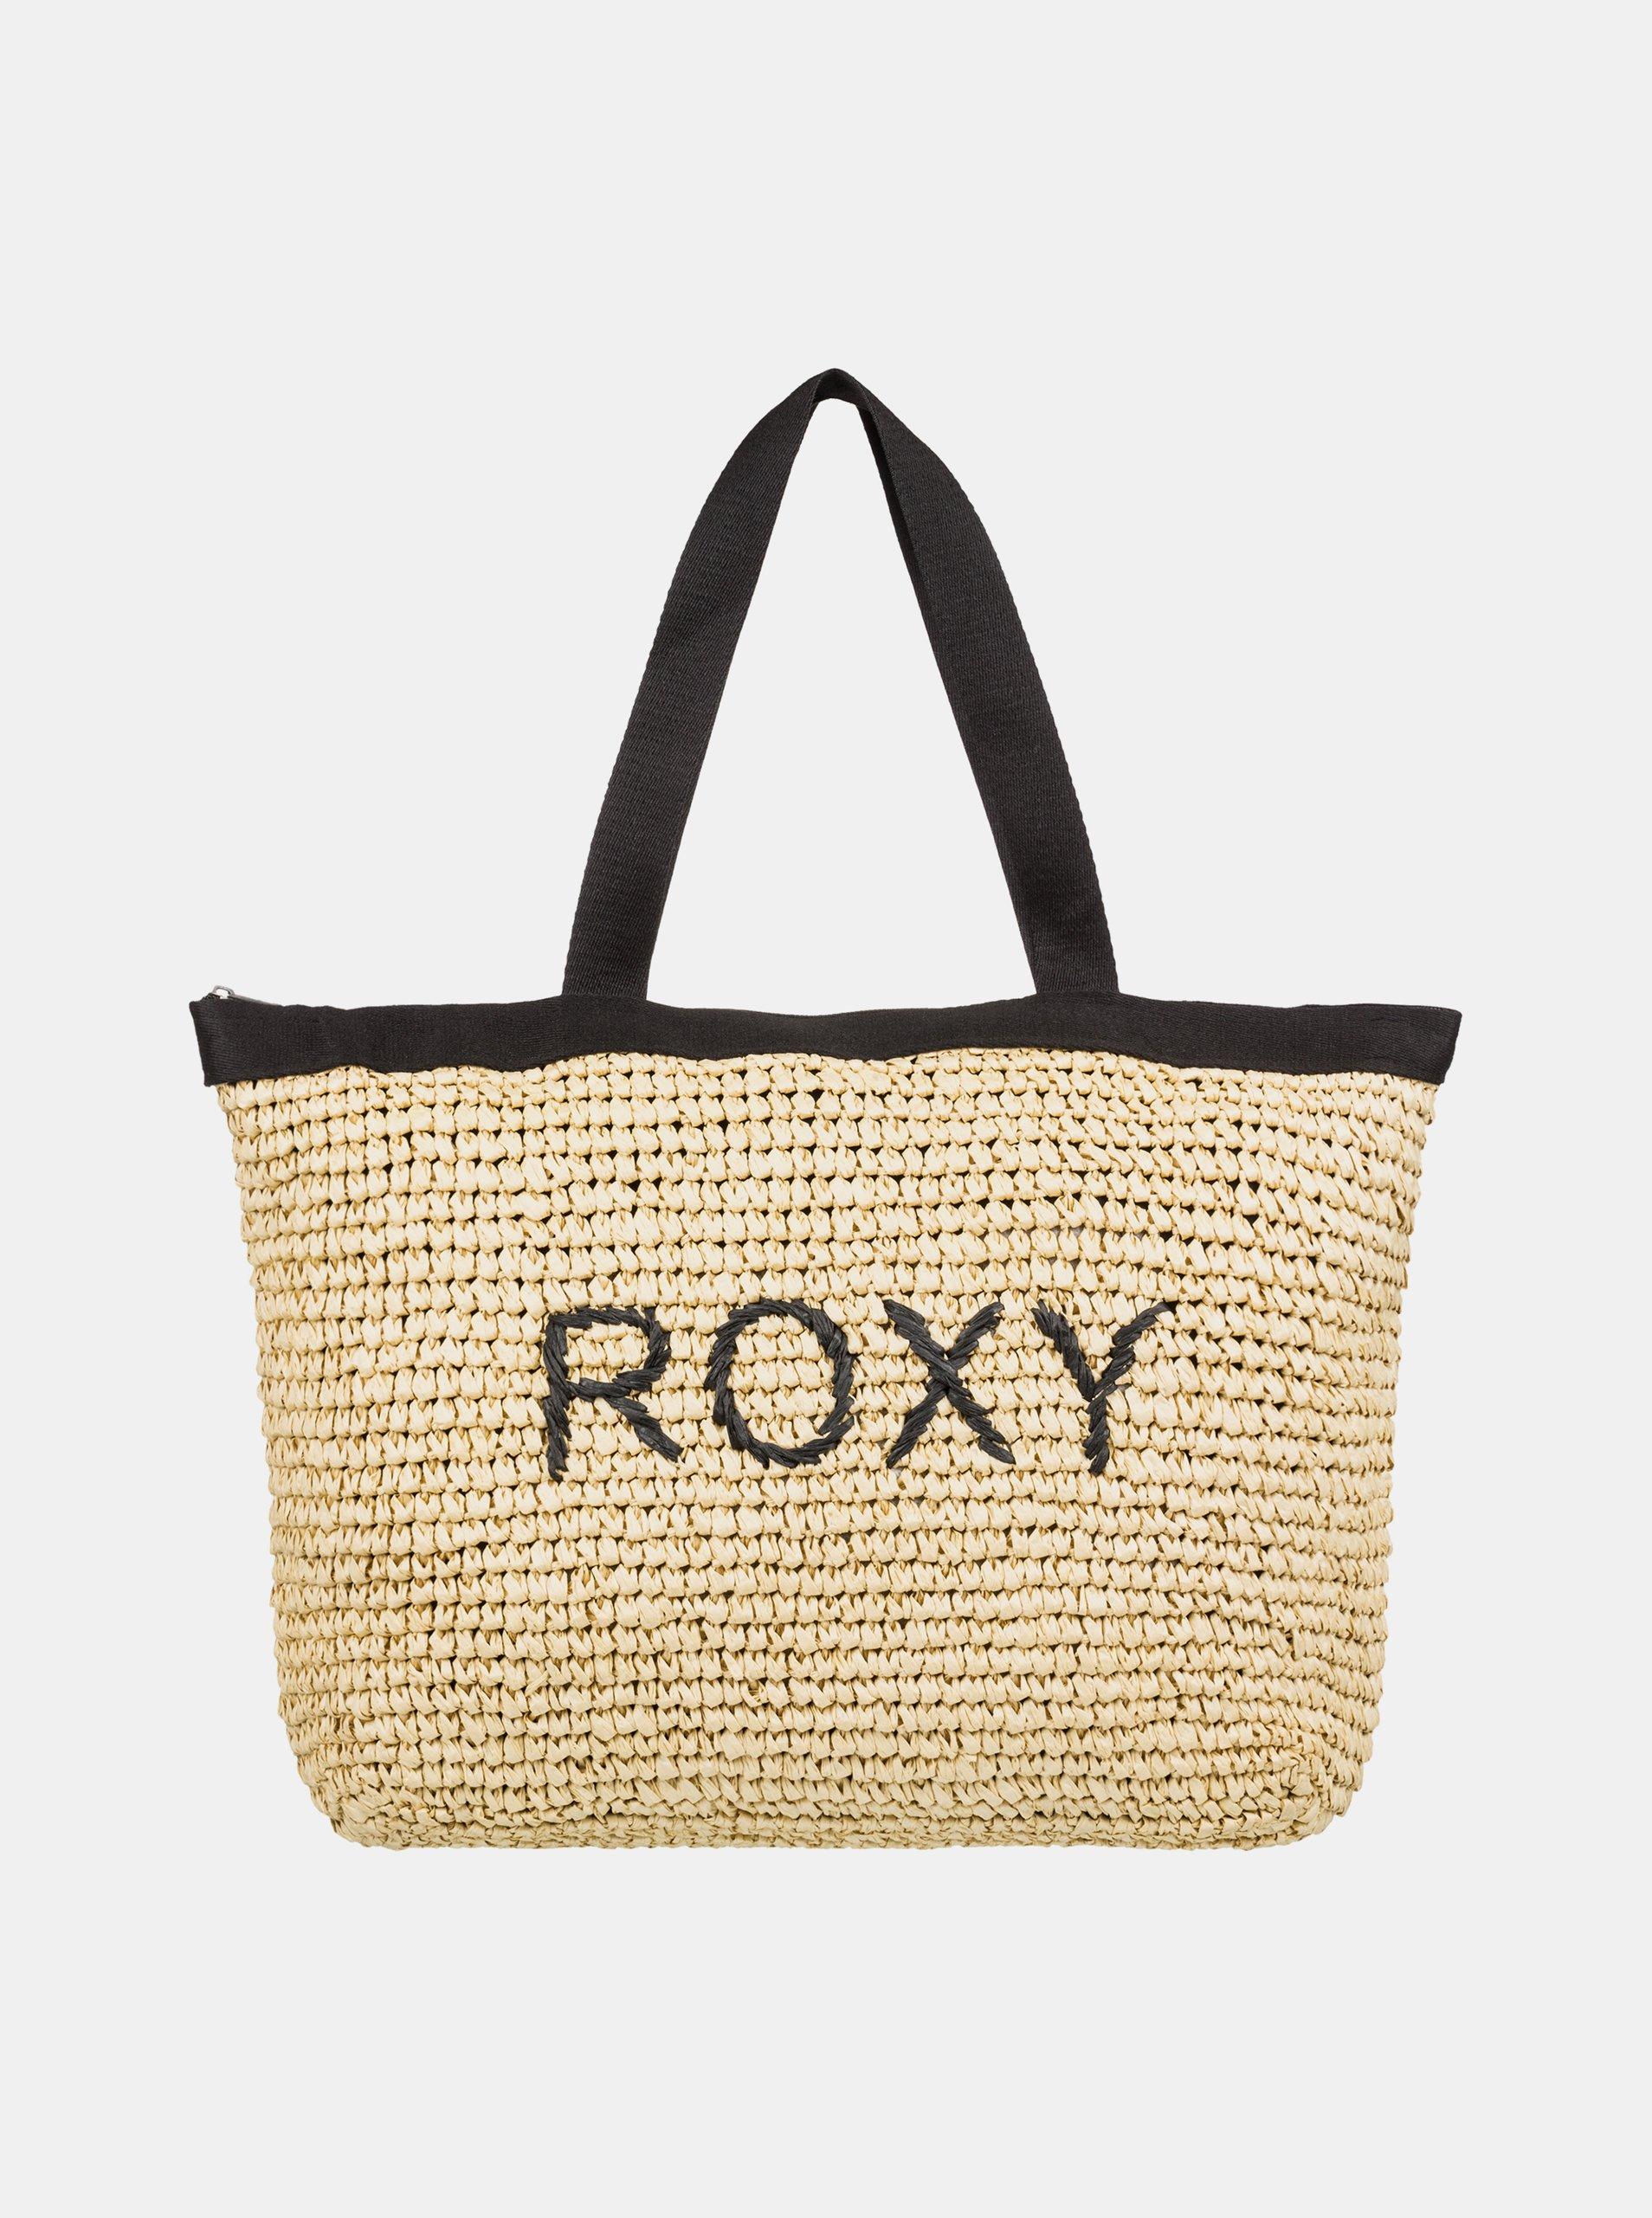 9e6ec0c49 Béžová plážová taška Roxy Heard That Sound